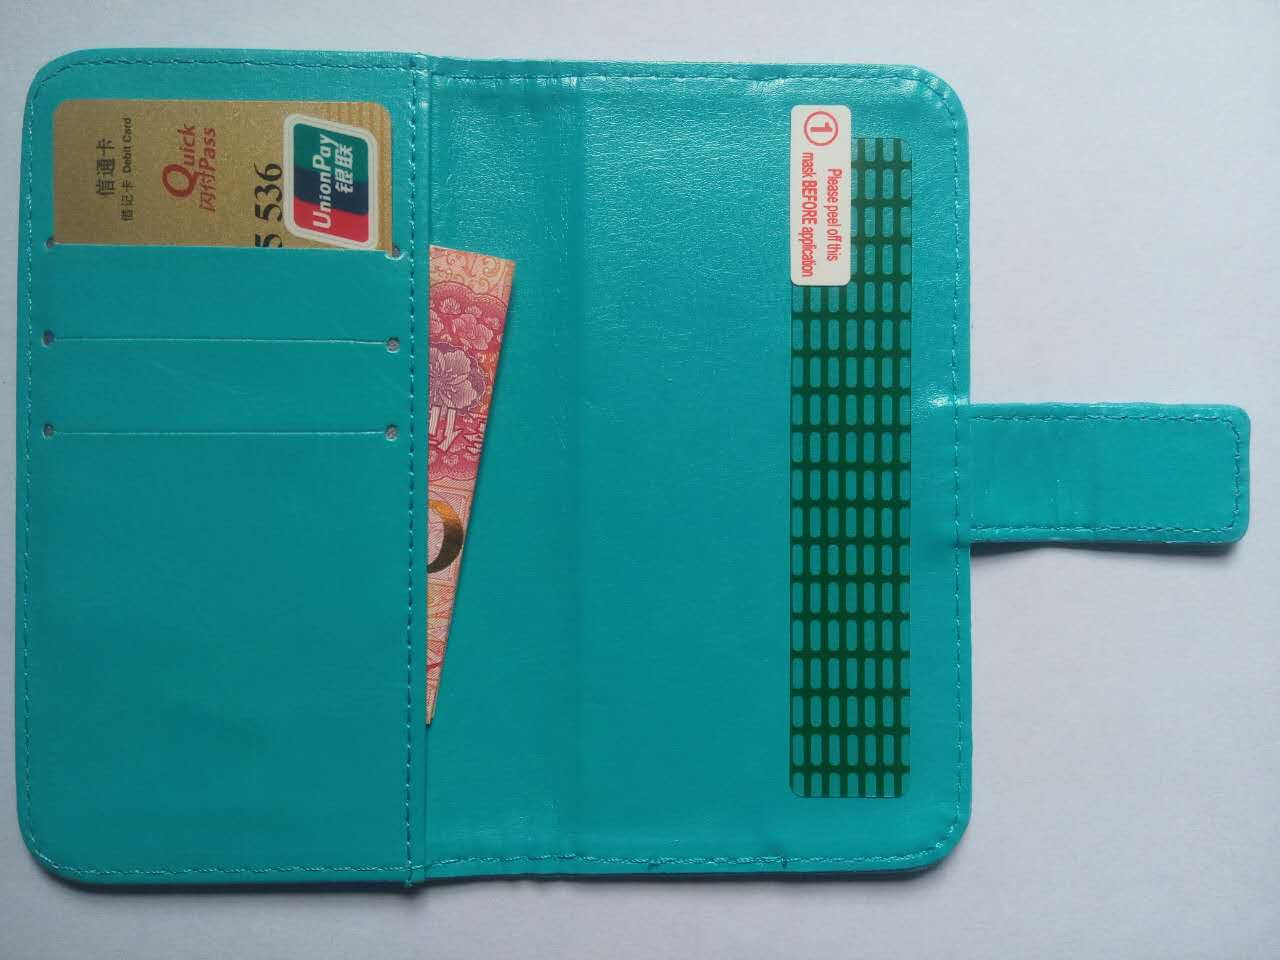 Yooyour Case Oukitel C5 Pro Fashion Luxury Protective Flip Կաշվե - Բջջային հեռախոսի պարագաներ և պահեստամասեր - Լուսանկար 6